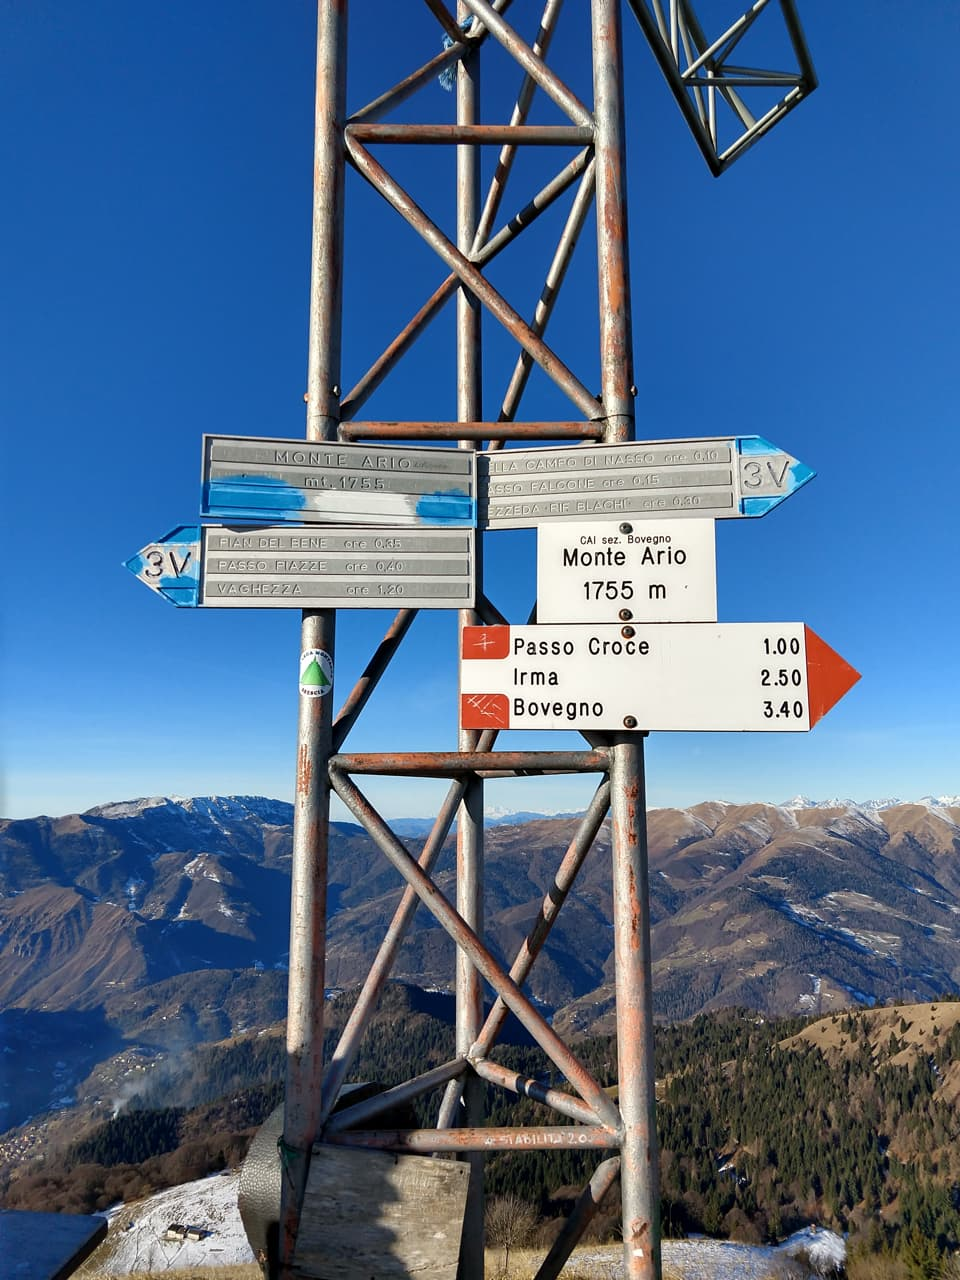 Siamo sul tracciato del sentiero 3V e le indicazioni bianco-blu pertanto non mancano